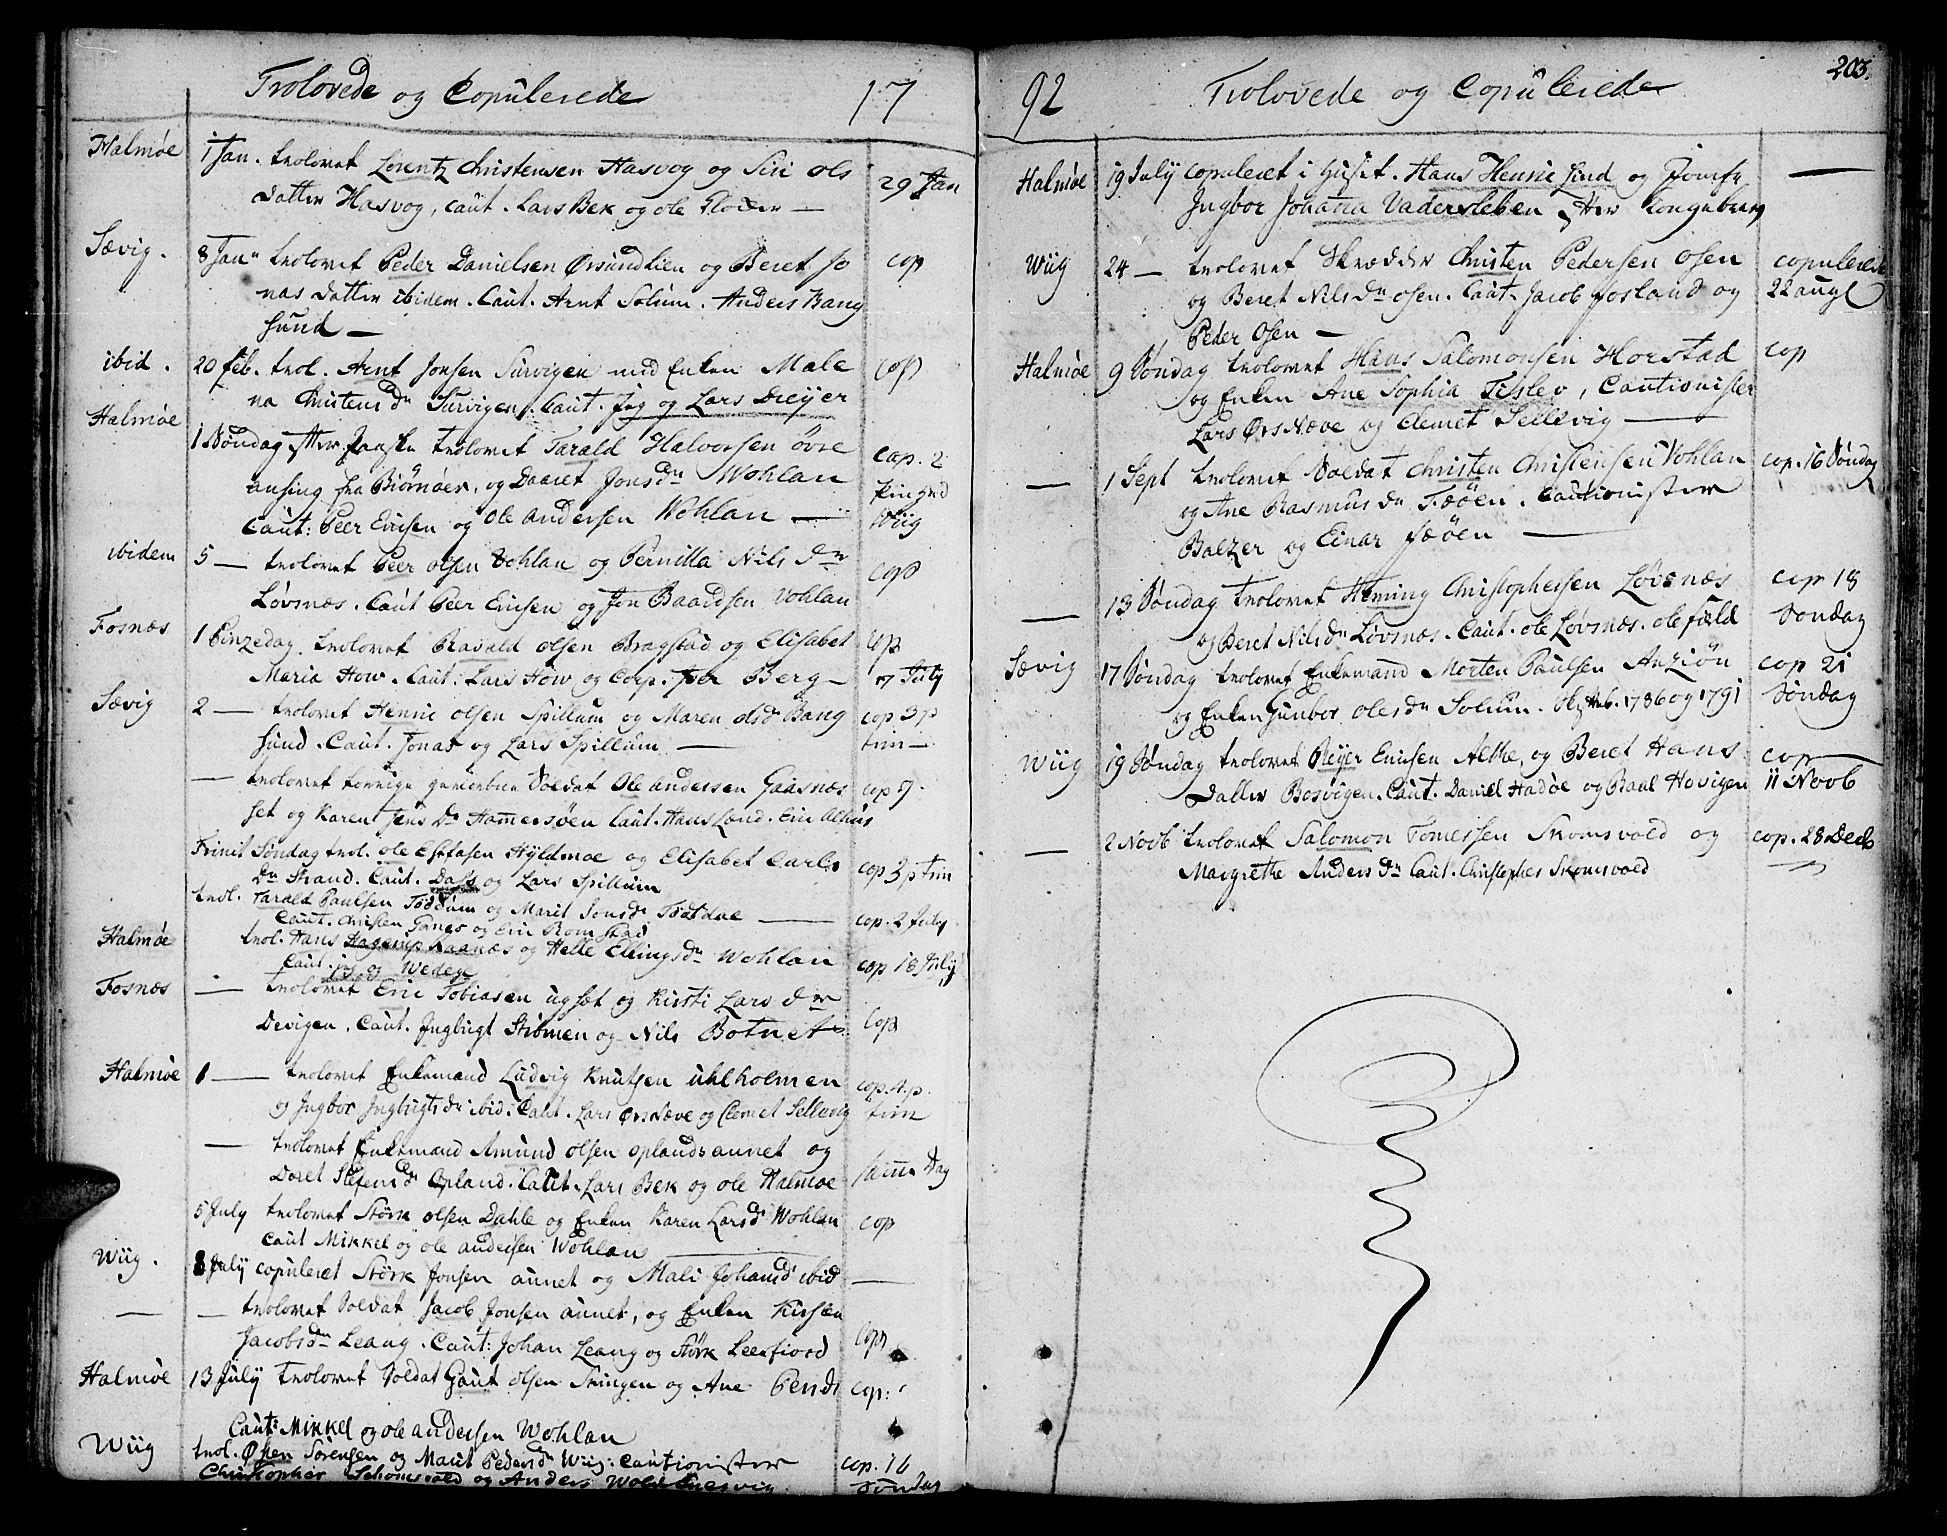 SAT, Ministerialprotokoller, klokkerbøker og fødselsregistre - Nord-Trøndelag, 773/L0608: Ministerialbok nr. 773A02, 1784-1816, s. 203